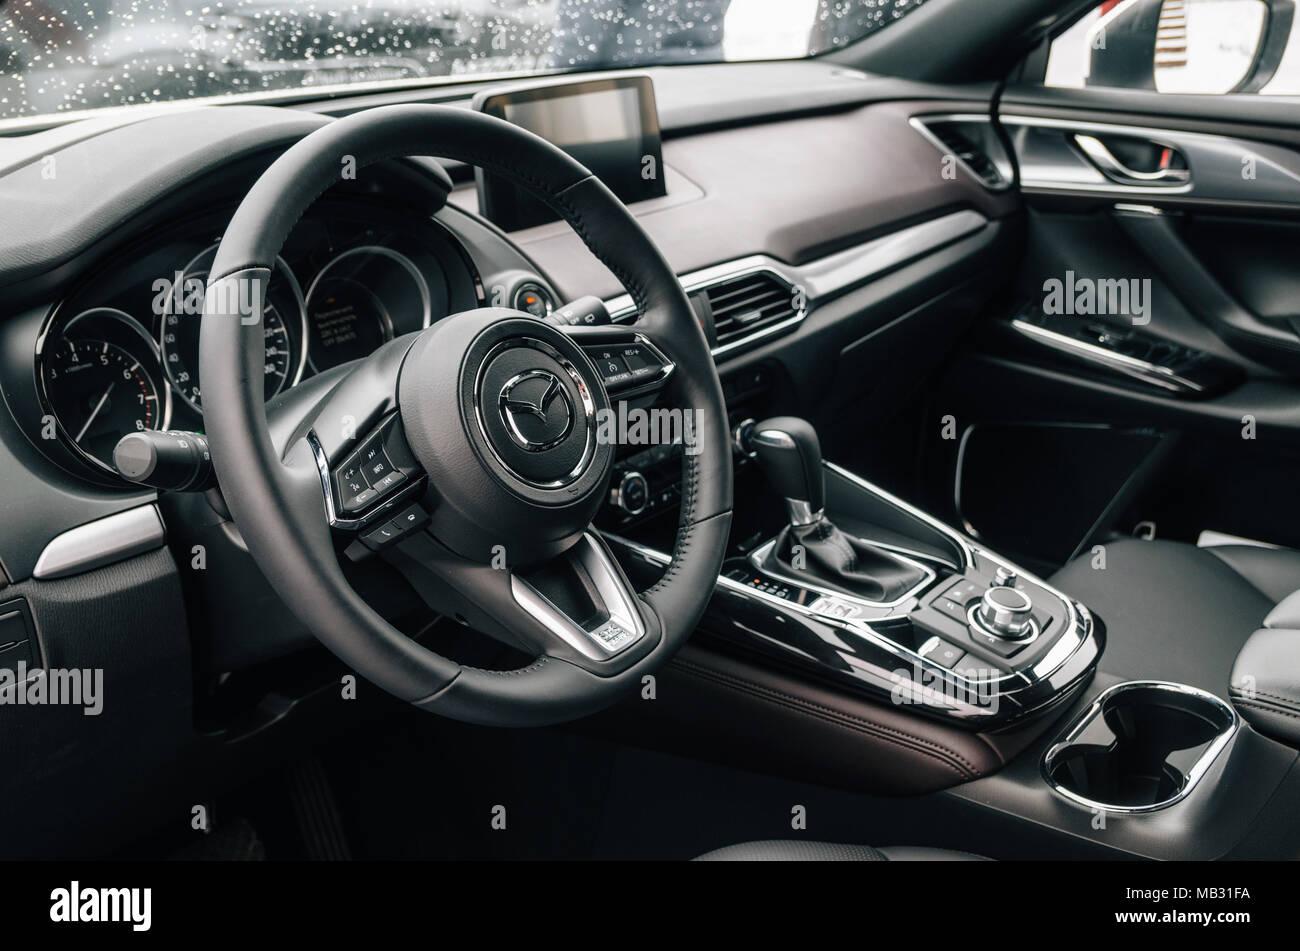 minsk wei russland m rz 30 2018 luxus schwarzer innenraum des mazda cx 9 stockfoto bild. Black Bedroom Furniture Sets. Home Design Ideas